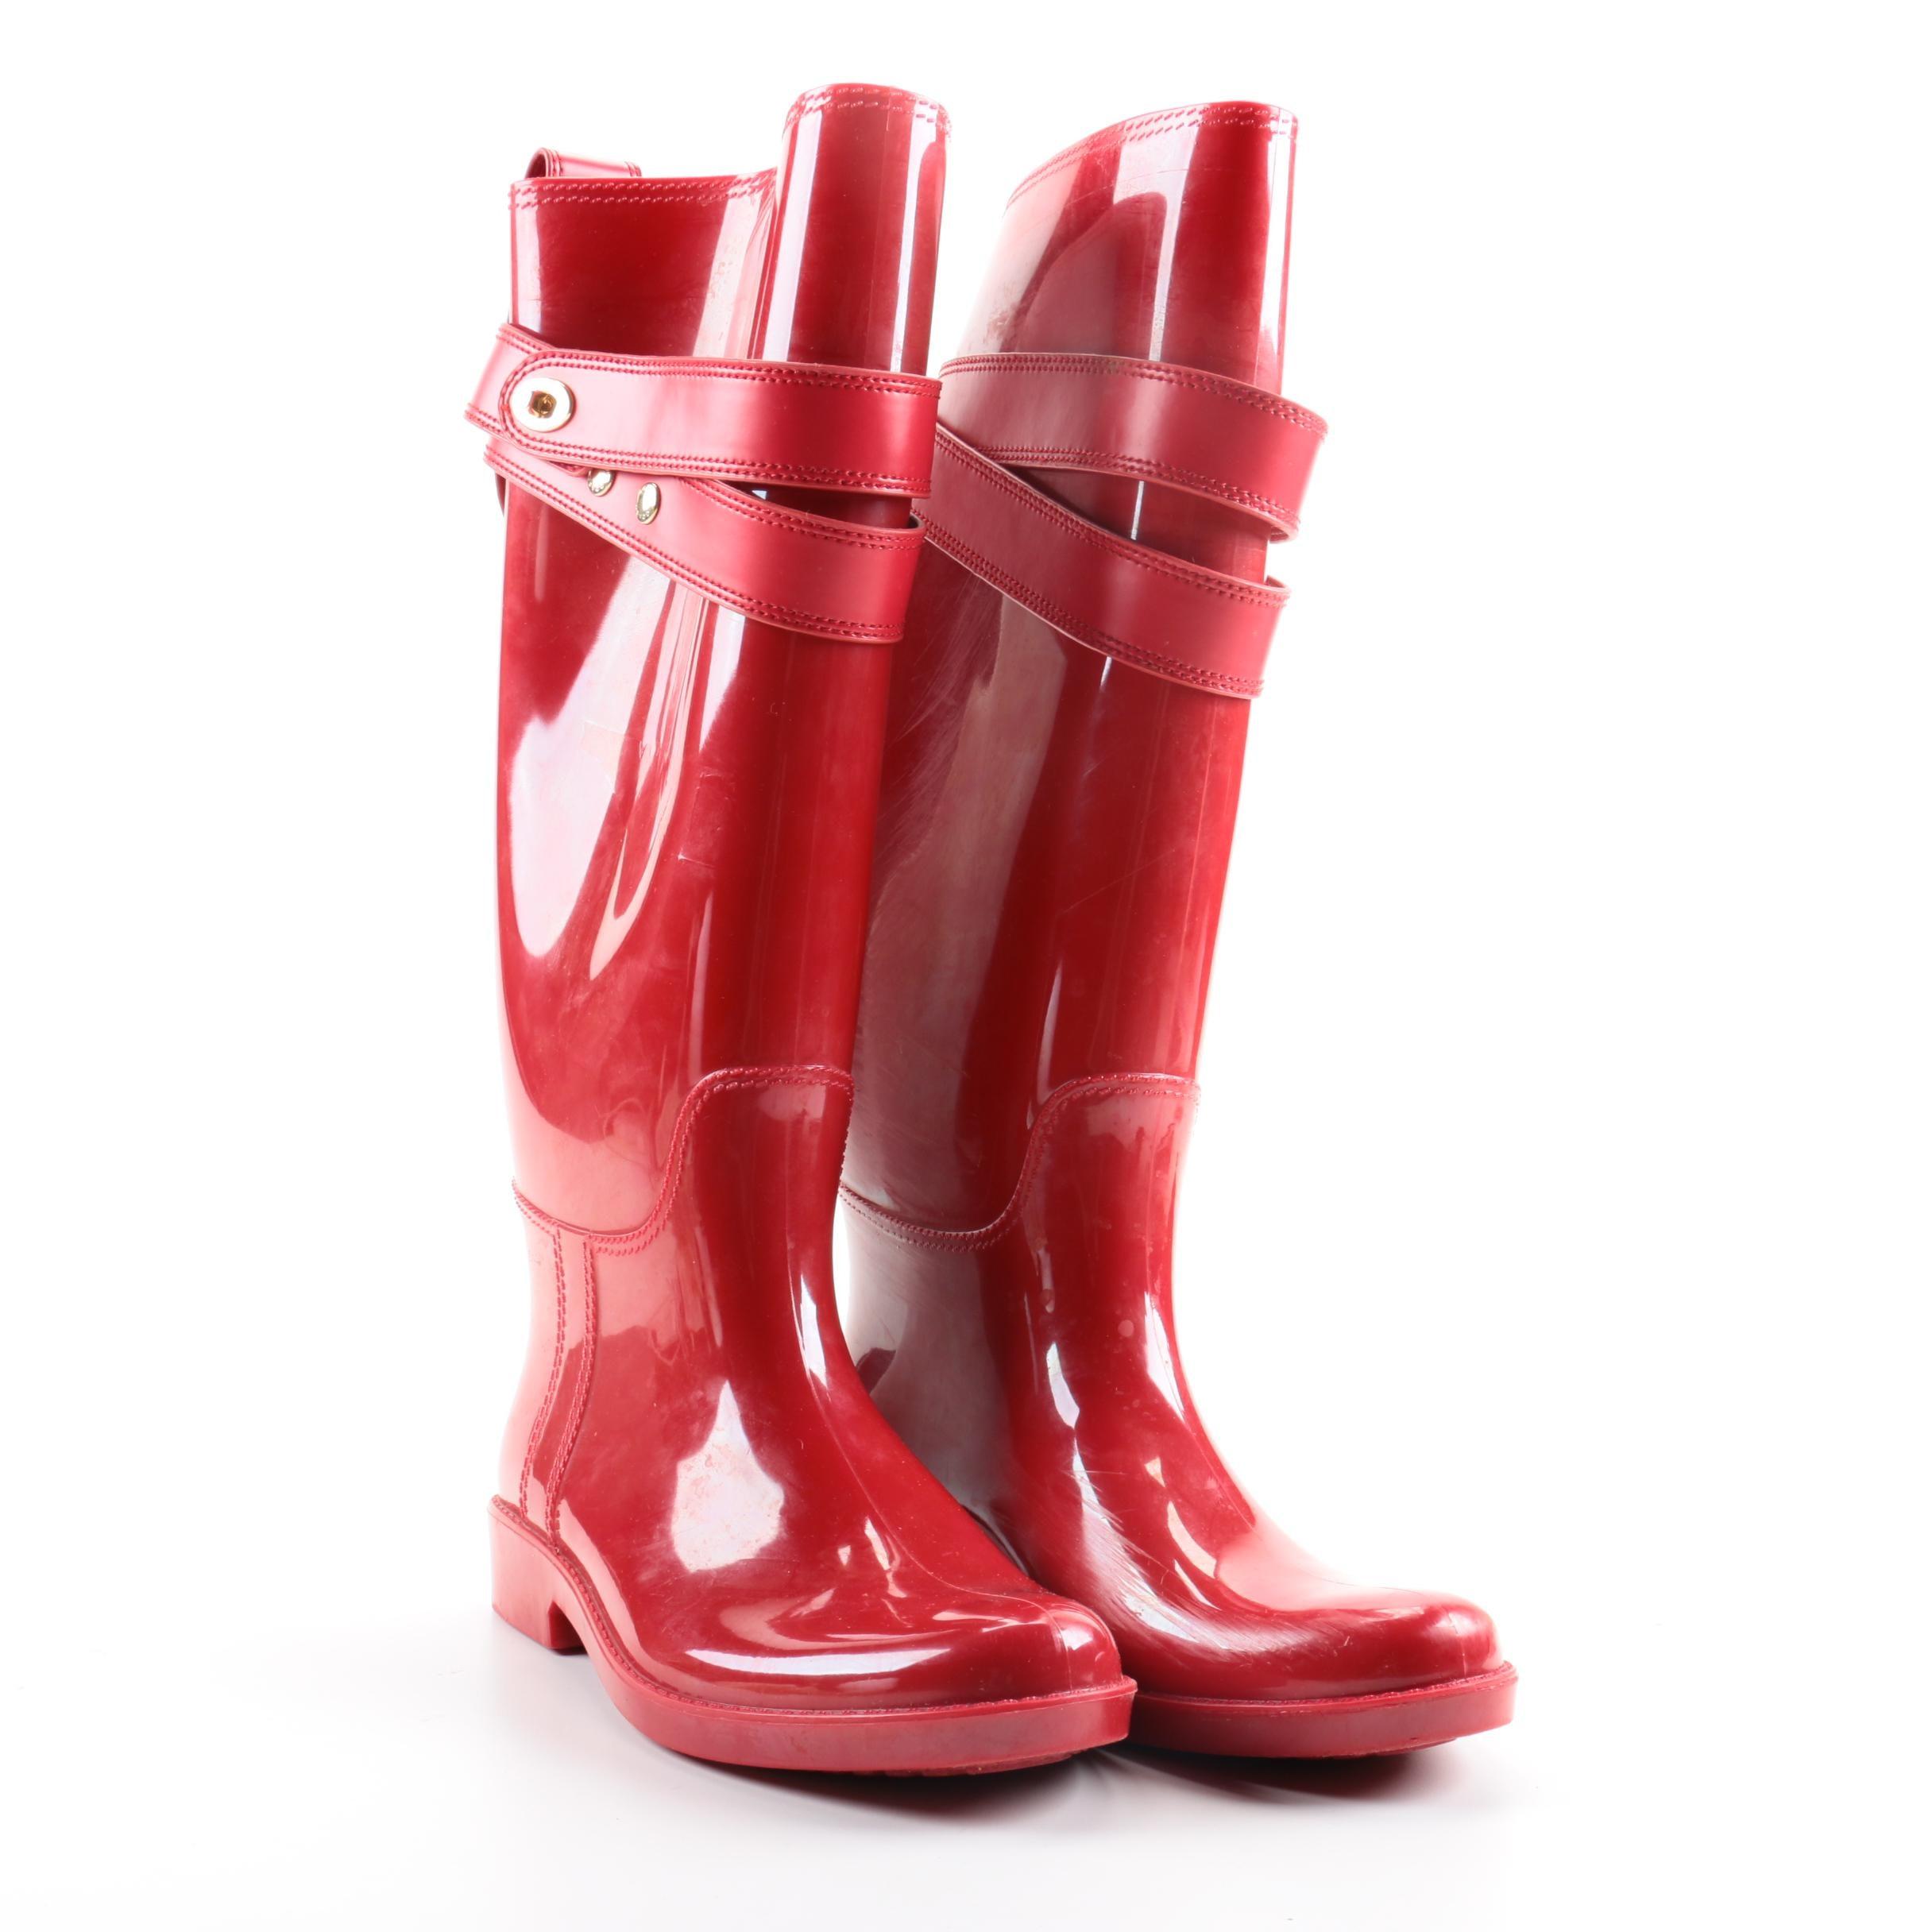 Coach Red Rain Boots